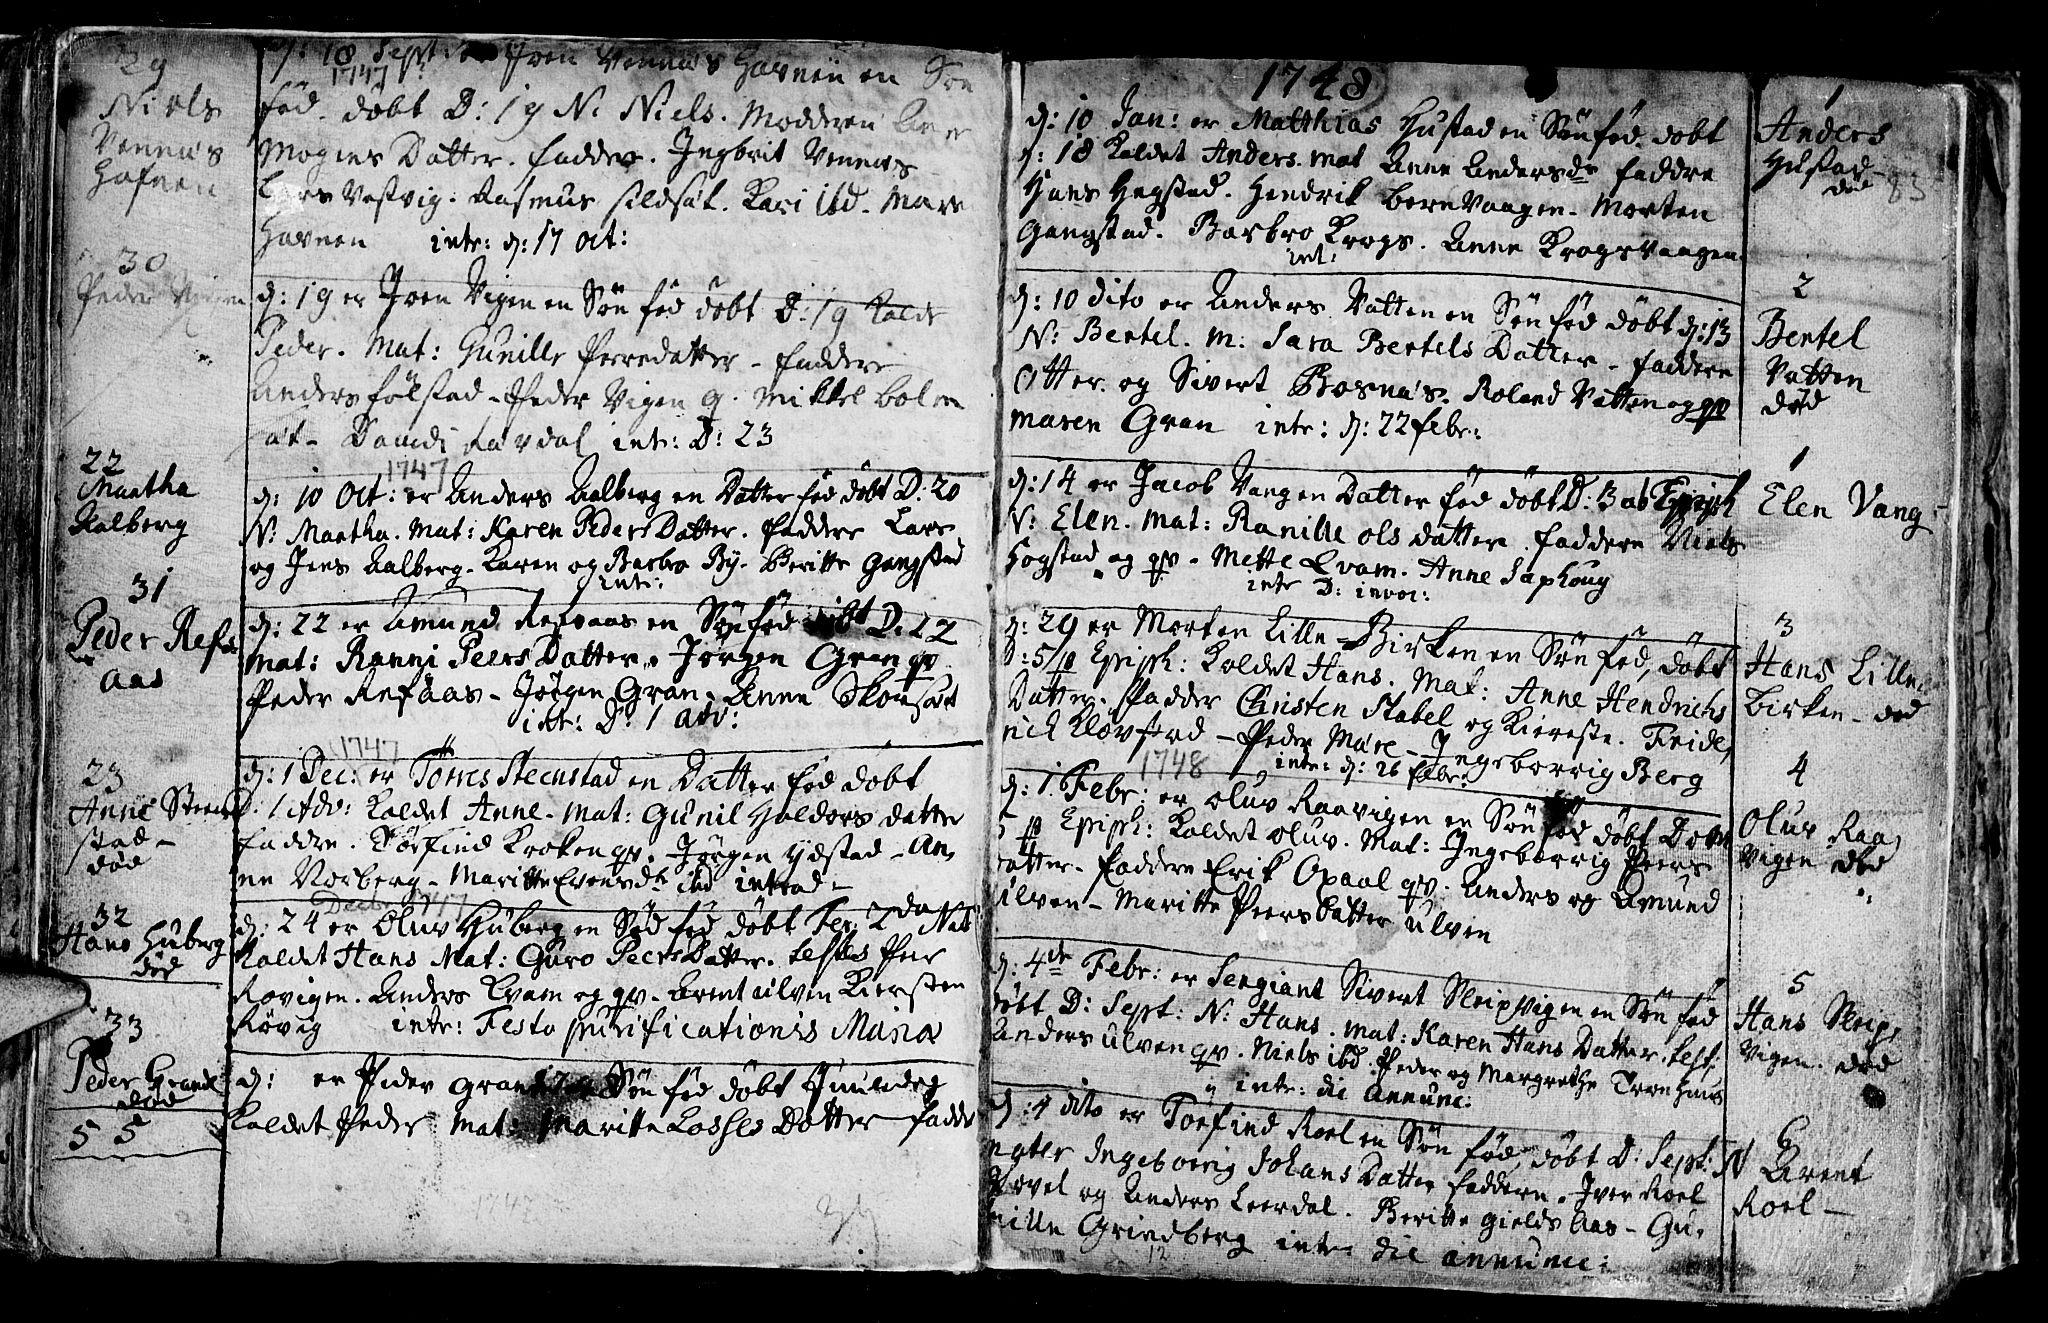 SAT, Ministerialprotokoller, klokkerbøker og fødselsregistre - Nord-Trøndelag, 730/L0272: Ministerialbok nr. 730A01, 1733-1764, s. 83